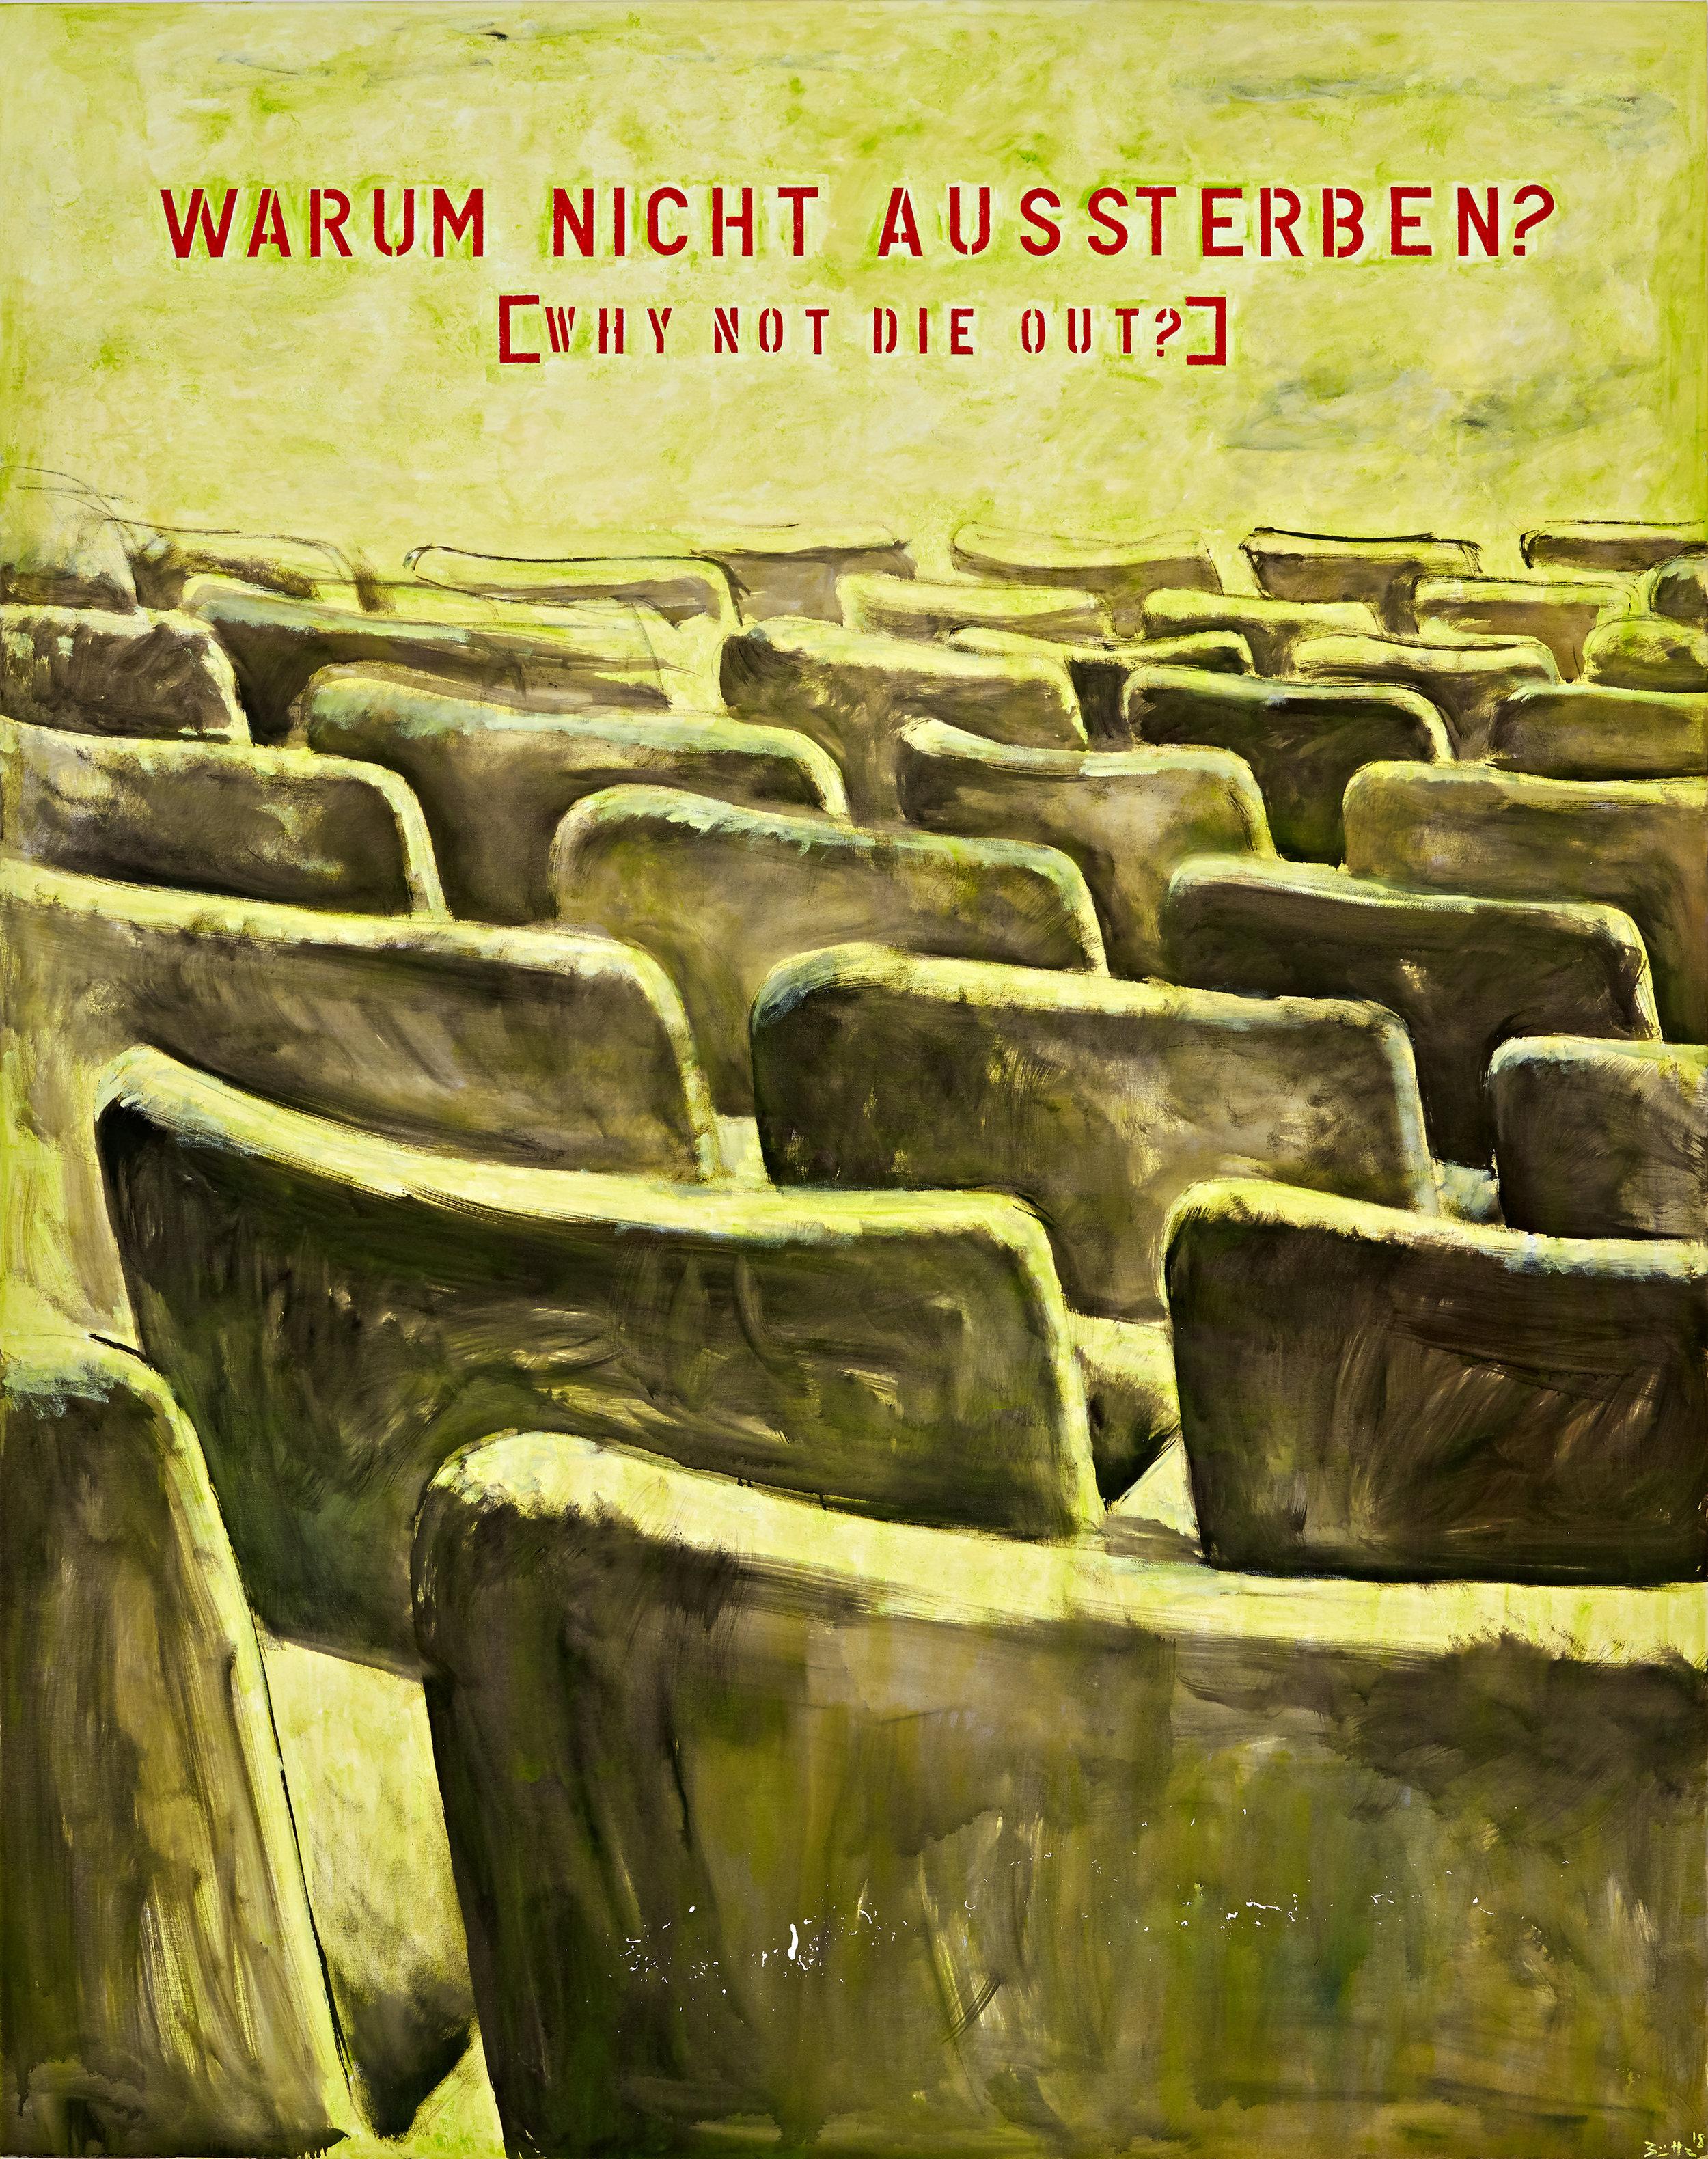 Büttner, Why not die out? (Warum nicht aussterben), 2018, oil on canvas, 59 x 47 1-4 in., 150 x 120 cm.